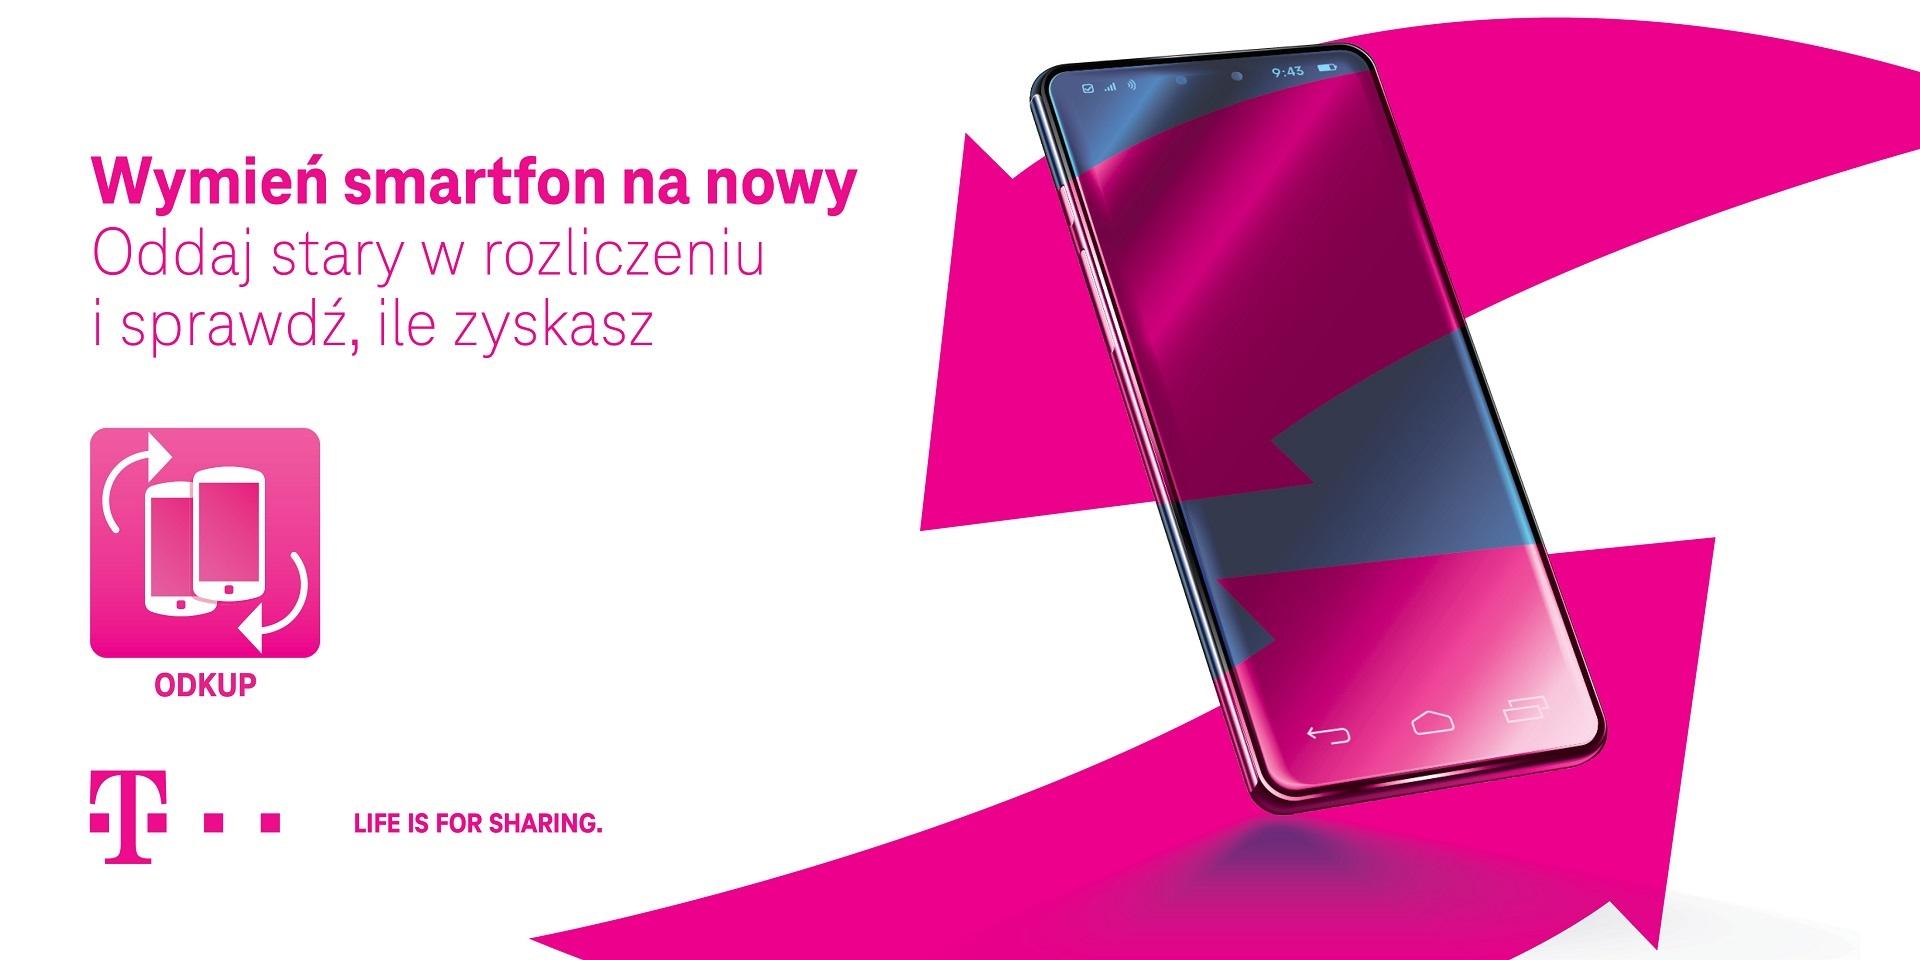 T-Mobile akcja odkup rabat na nowy smartfon